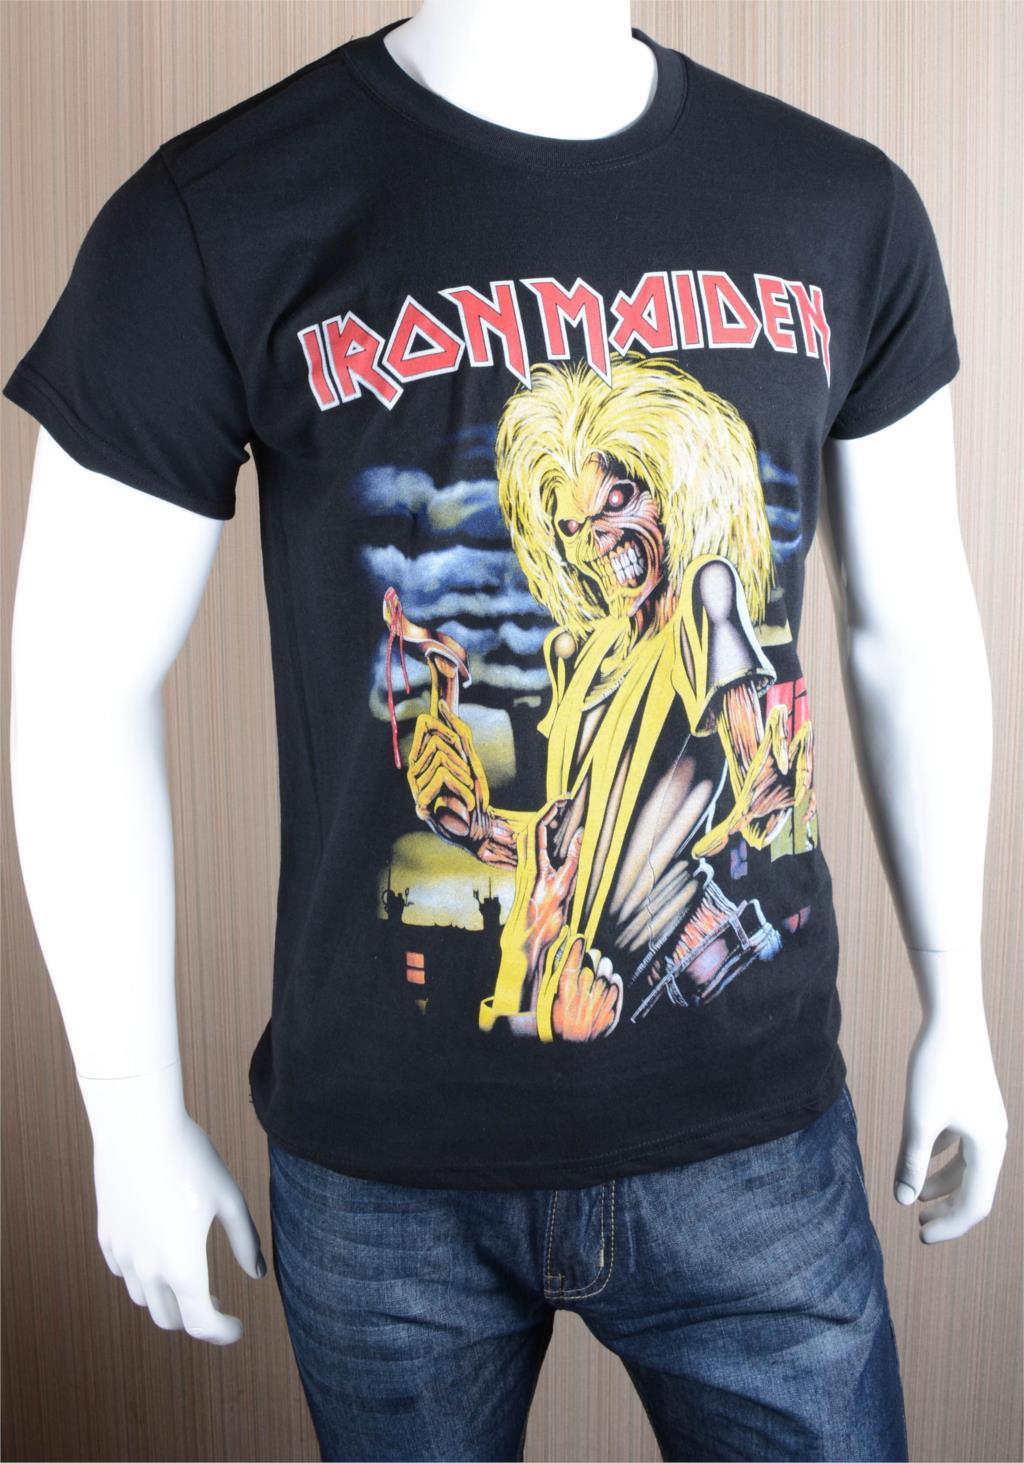 Cheap Graphic Tee Shirts  62265b3fe6ab